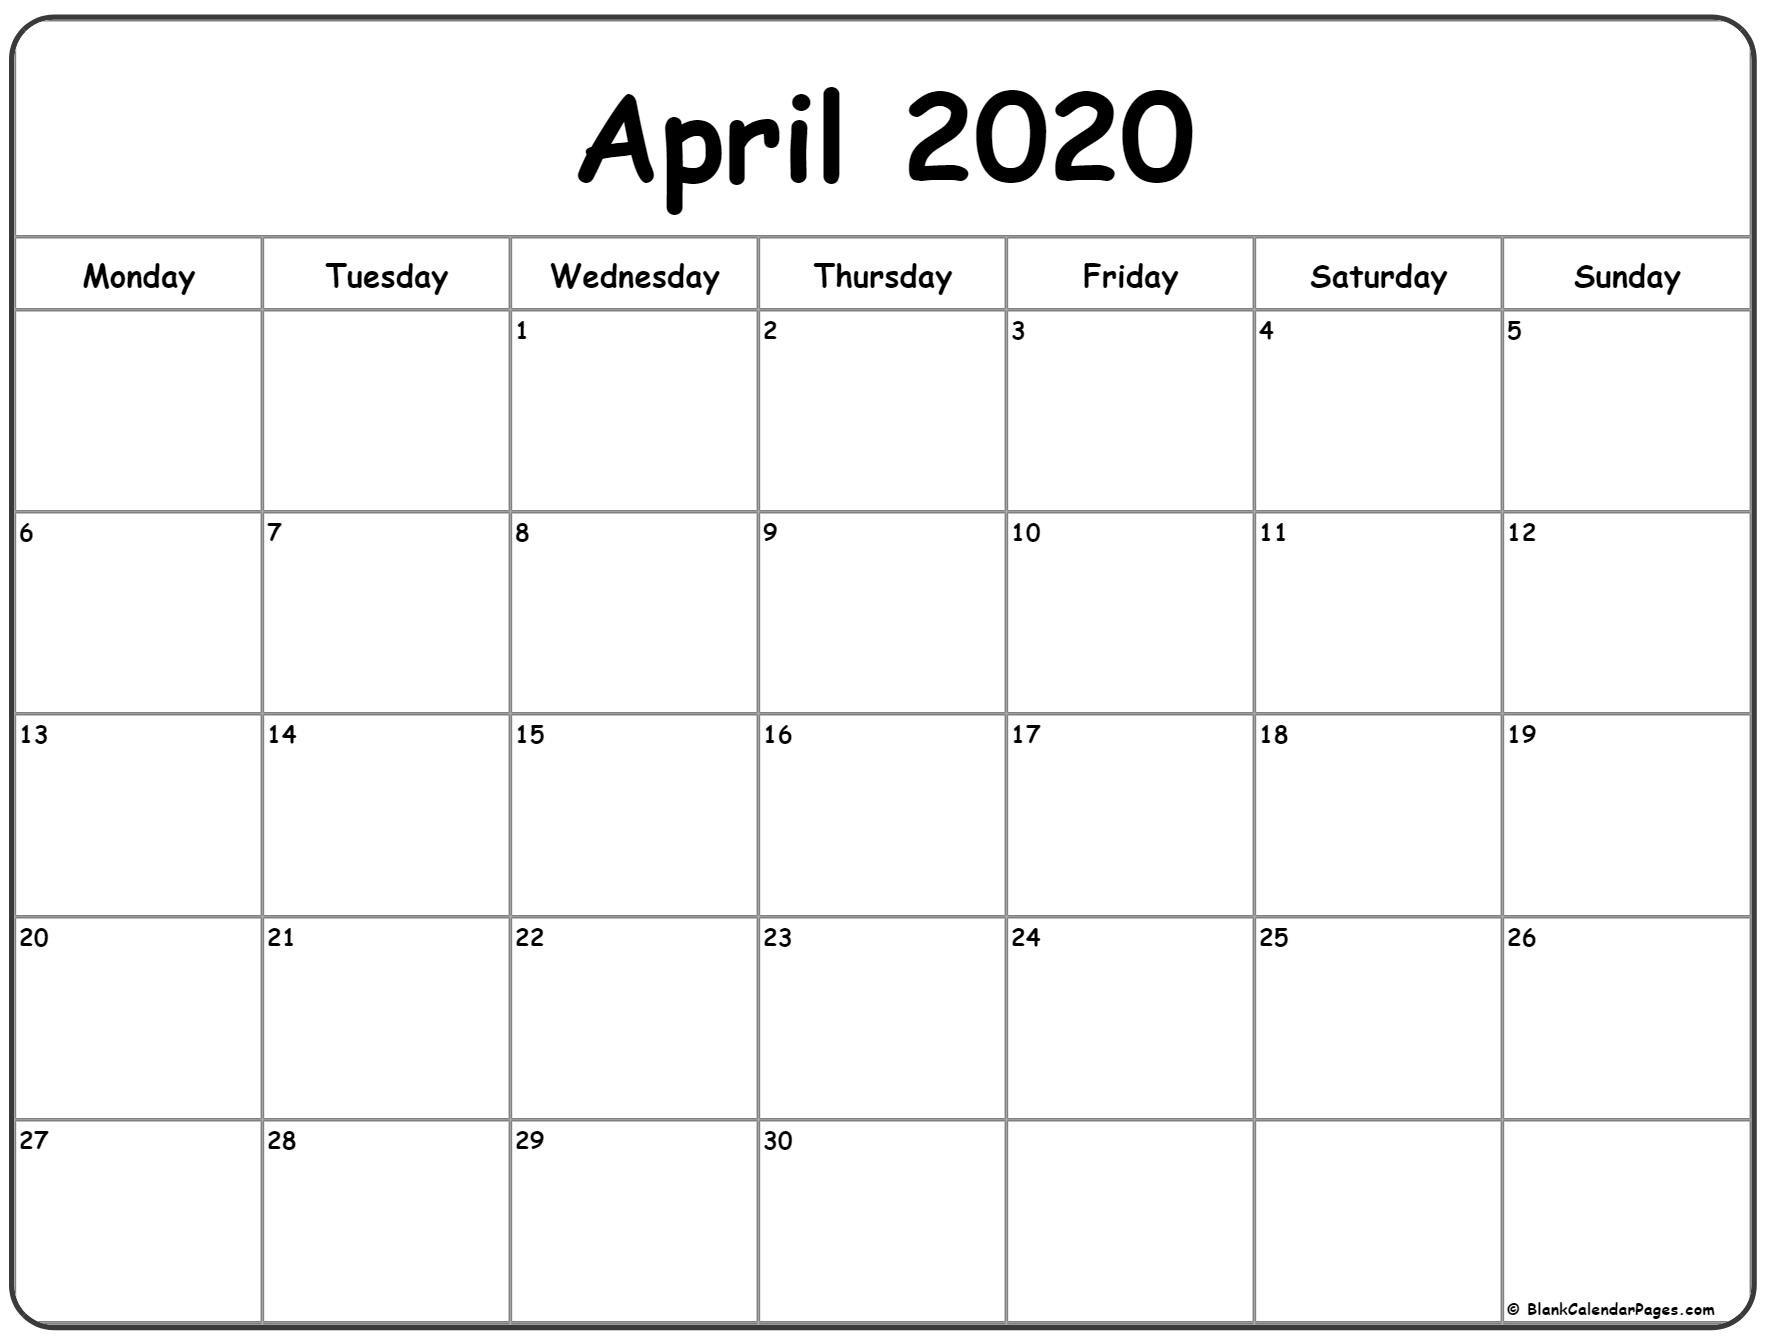 April 2020 Monday Calendar | Monday To Sunday  Monday To Sunday Calendar Template